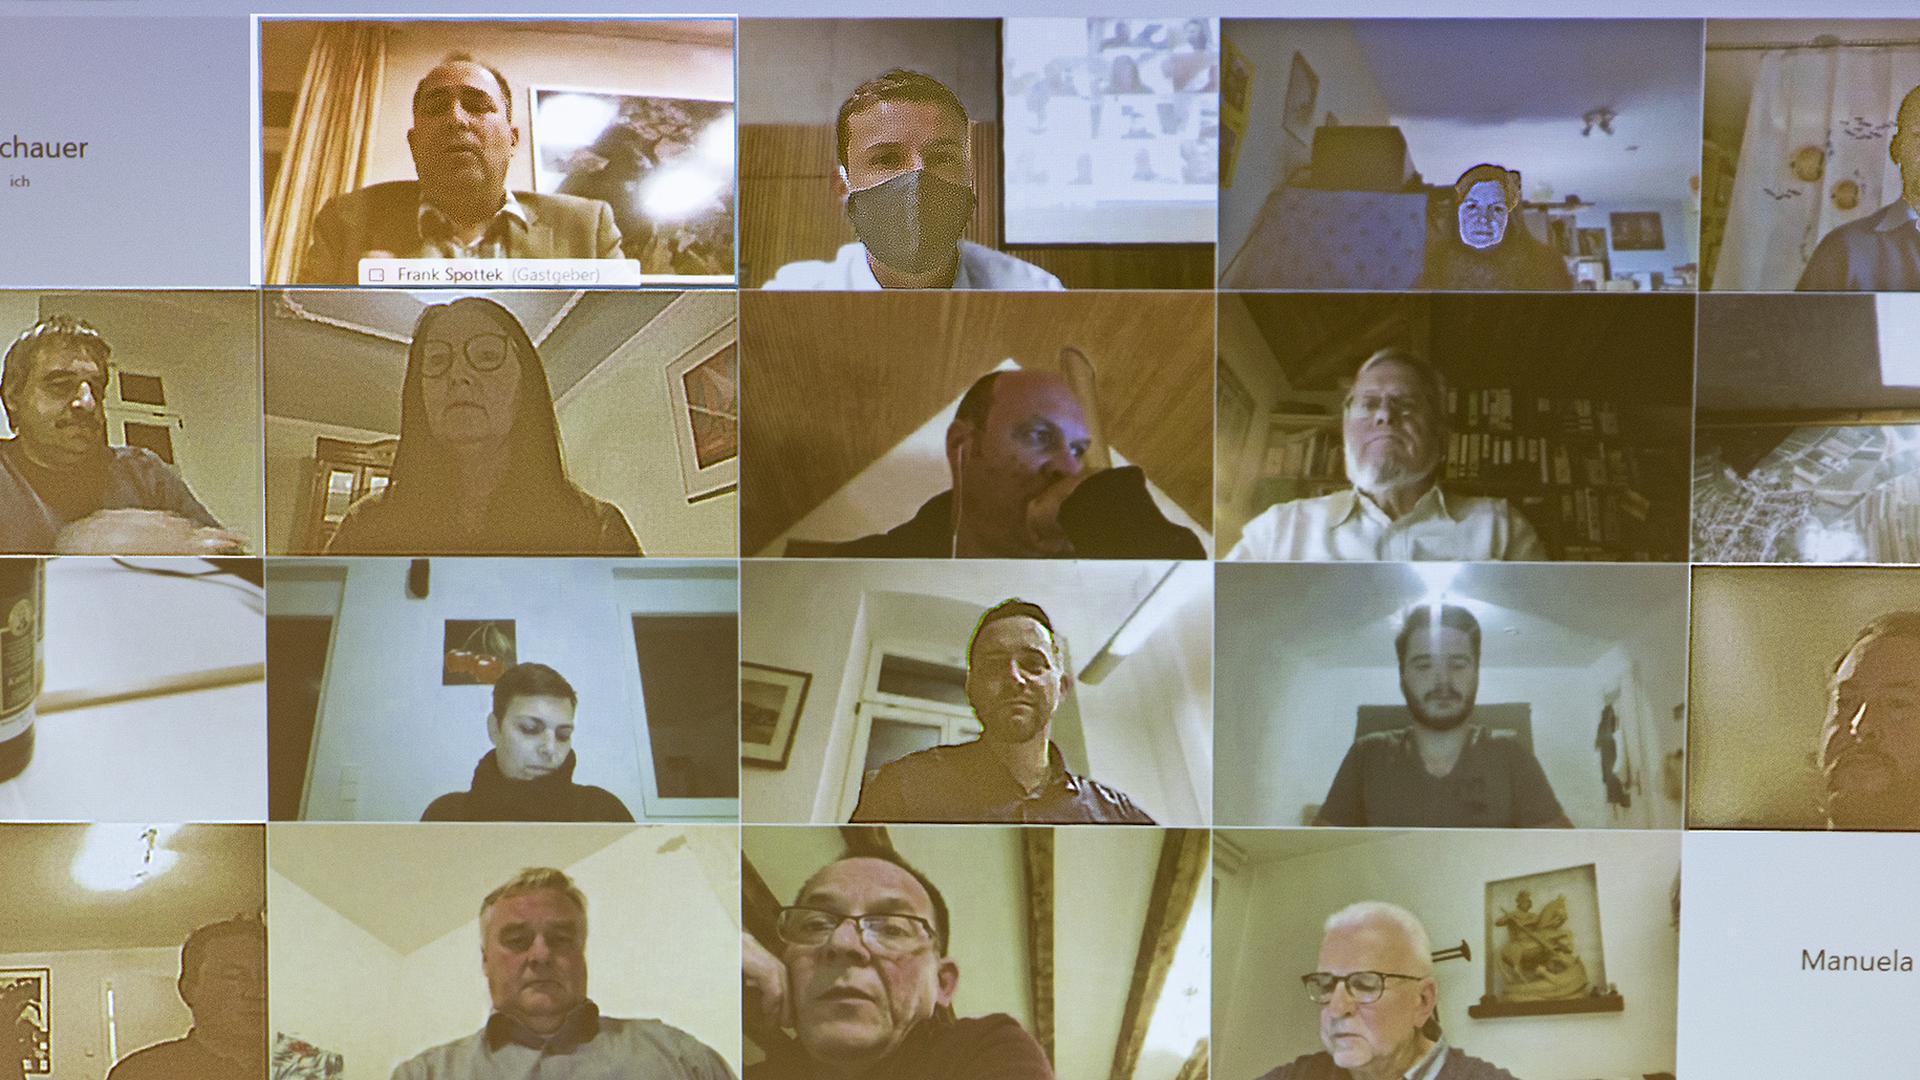 Videokonferenz, viele kleine Bilder nebeneinander.